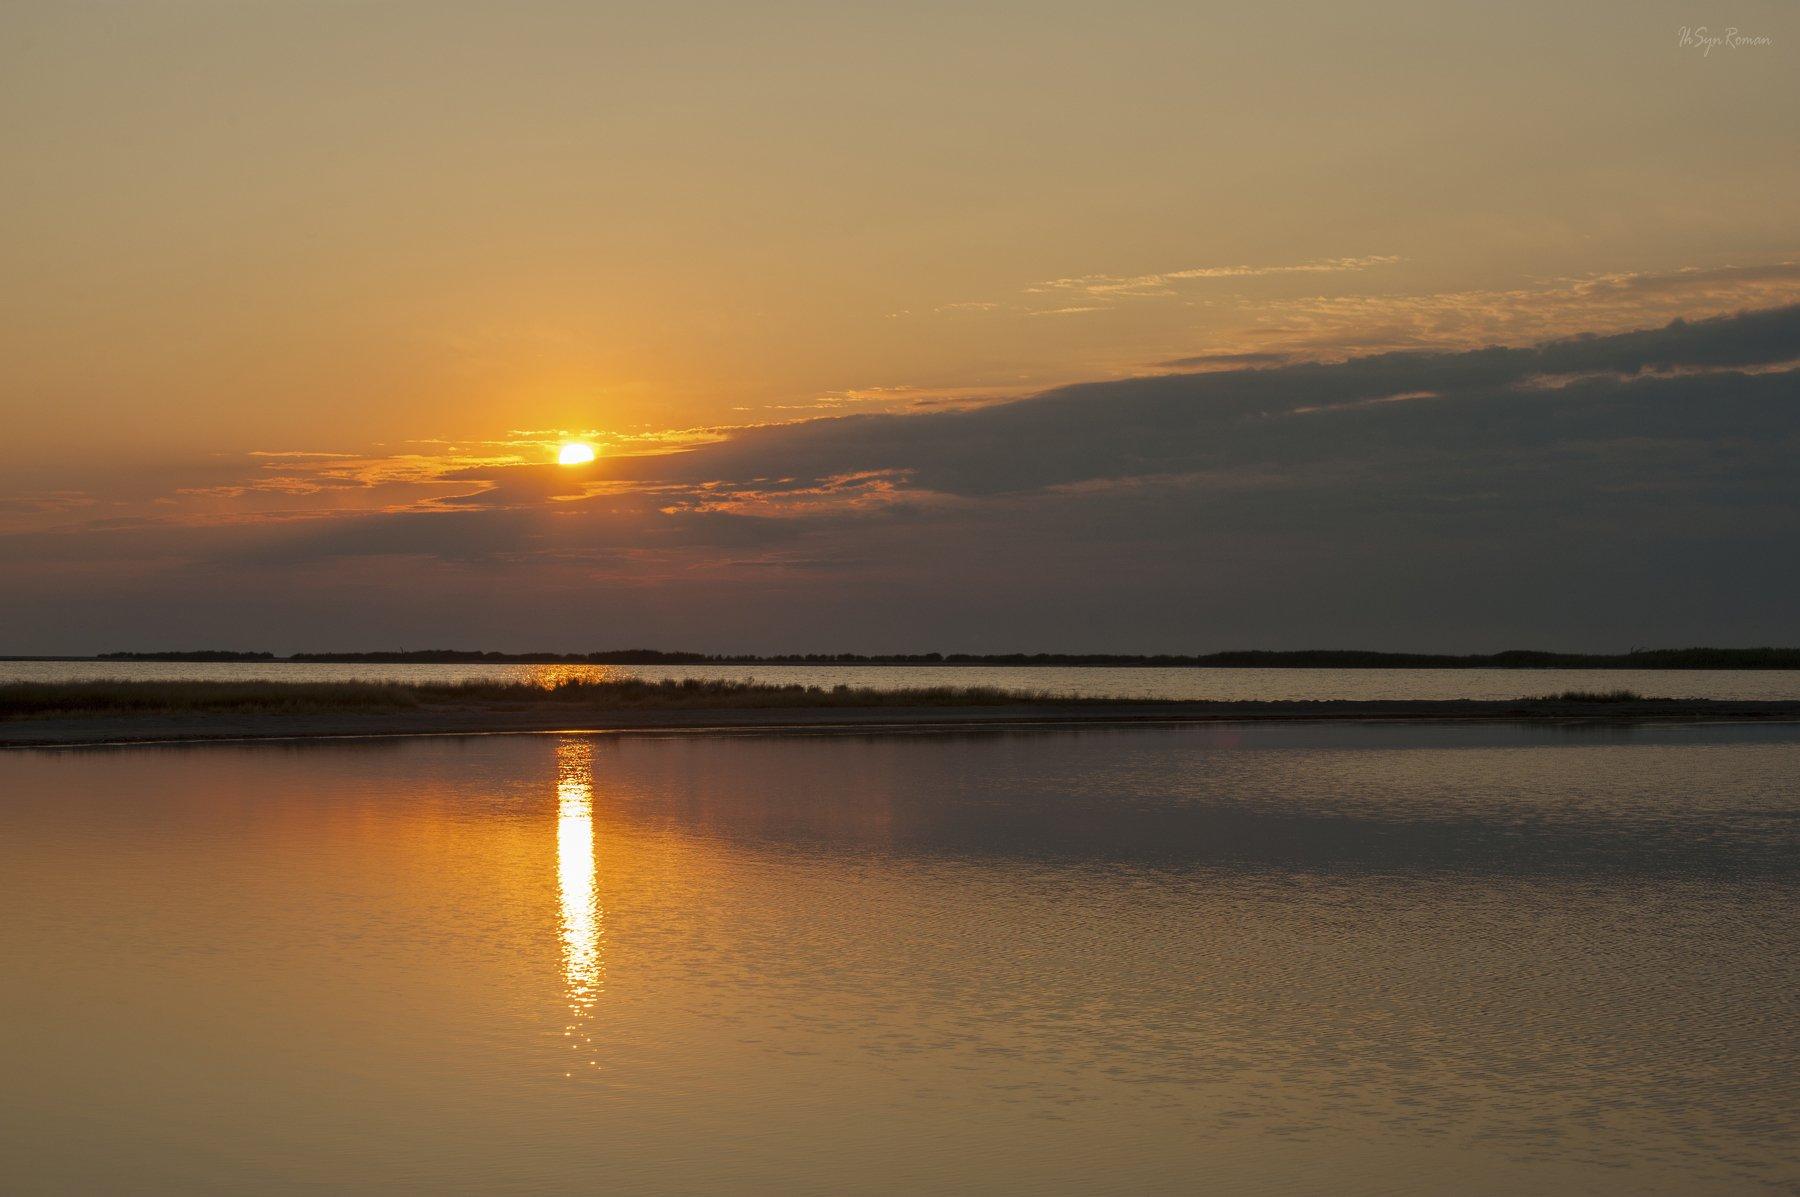 берег,лето,лиман,море,облака,пейзаж,рассвет,утро,штиль, Roma  Chitinskiy